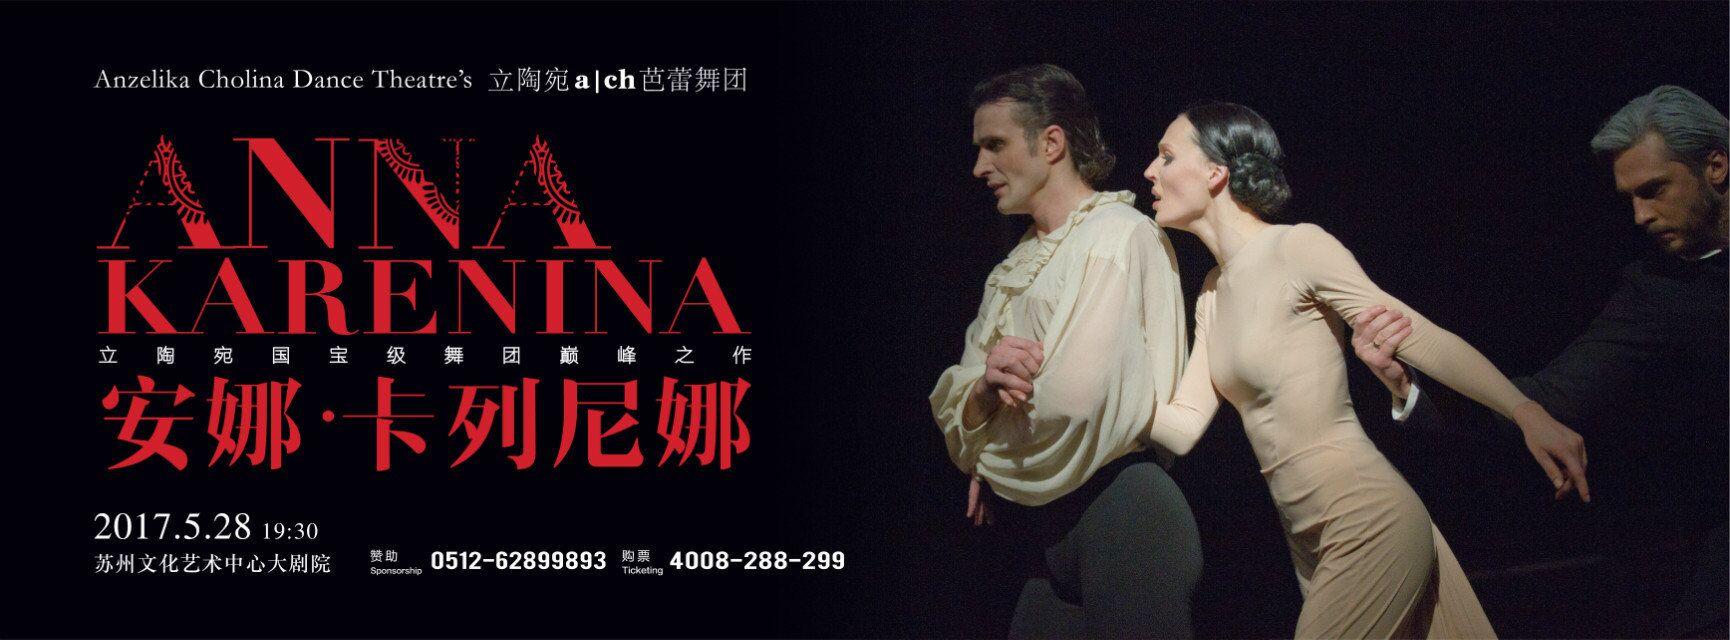 立陶宛A︱Ch芭蕾舞团巅峰之作《安娜·卡列尼娜》